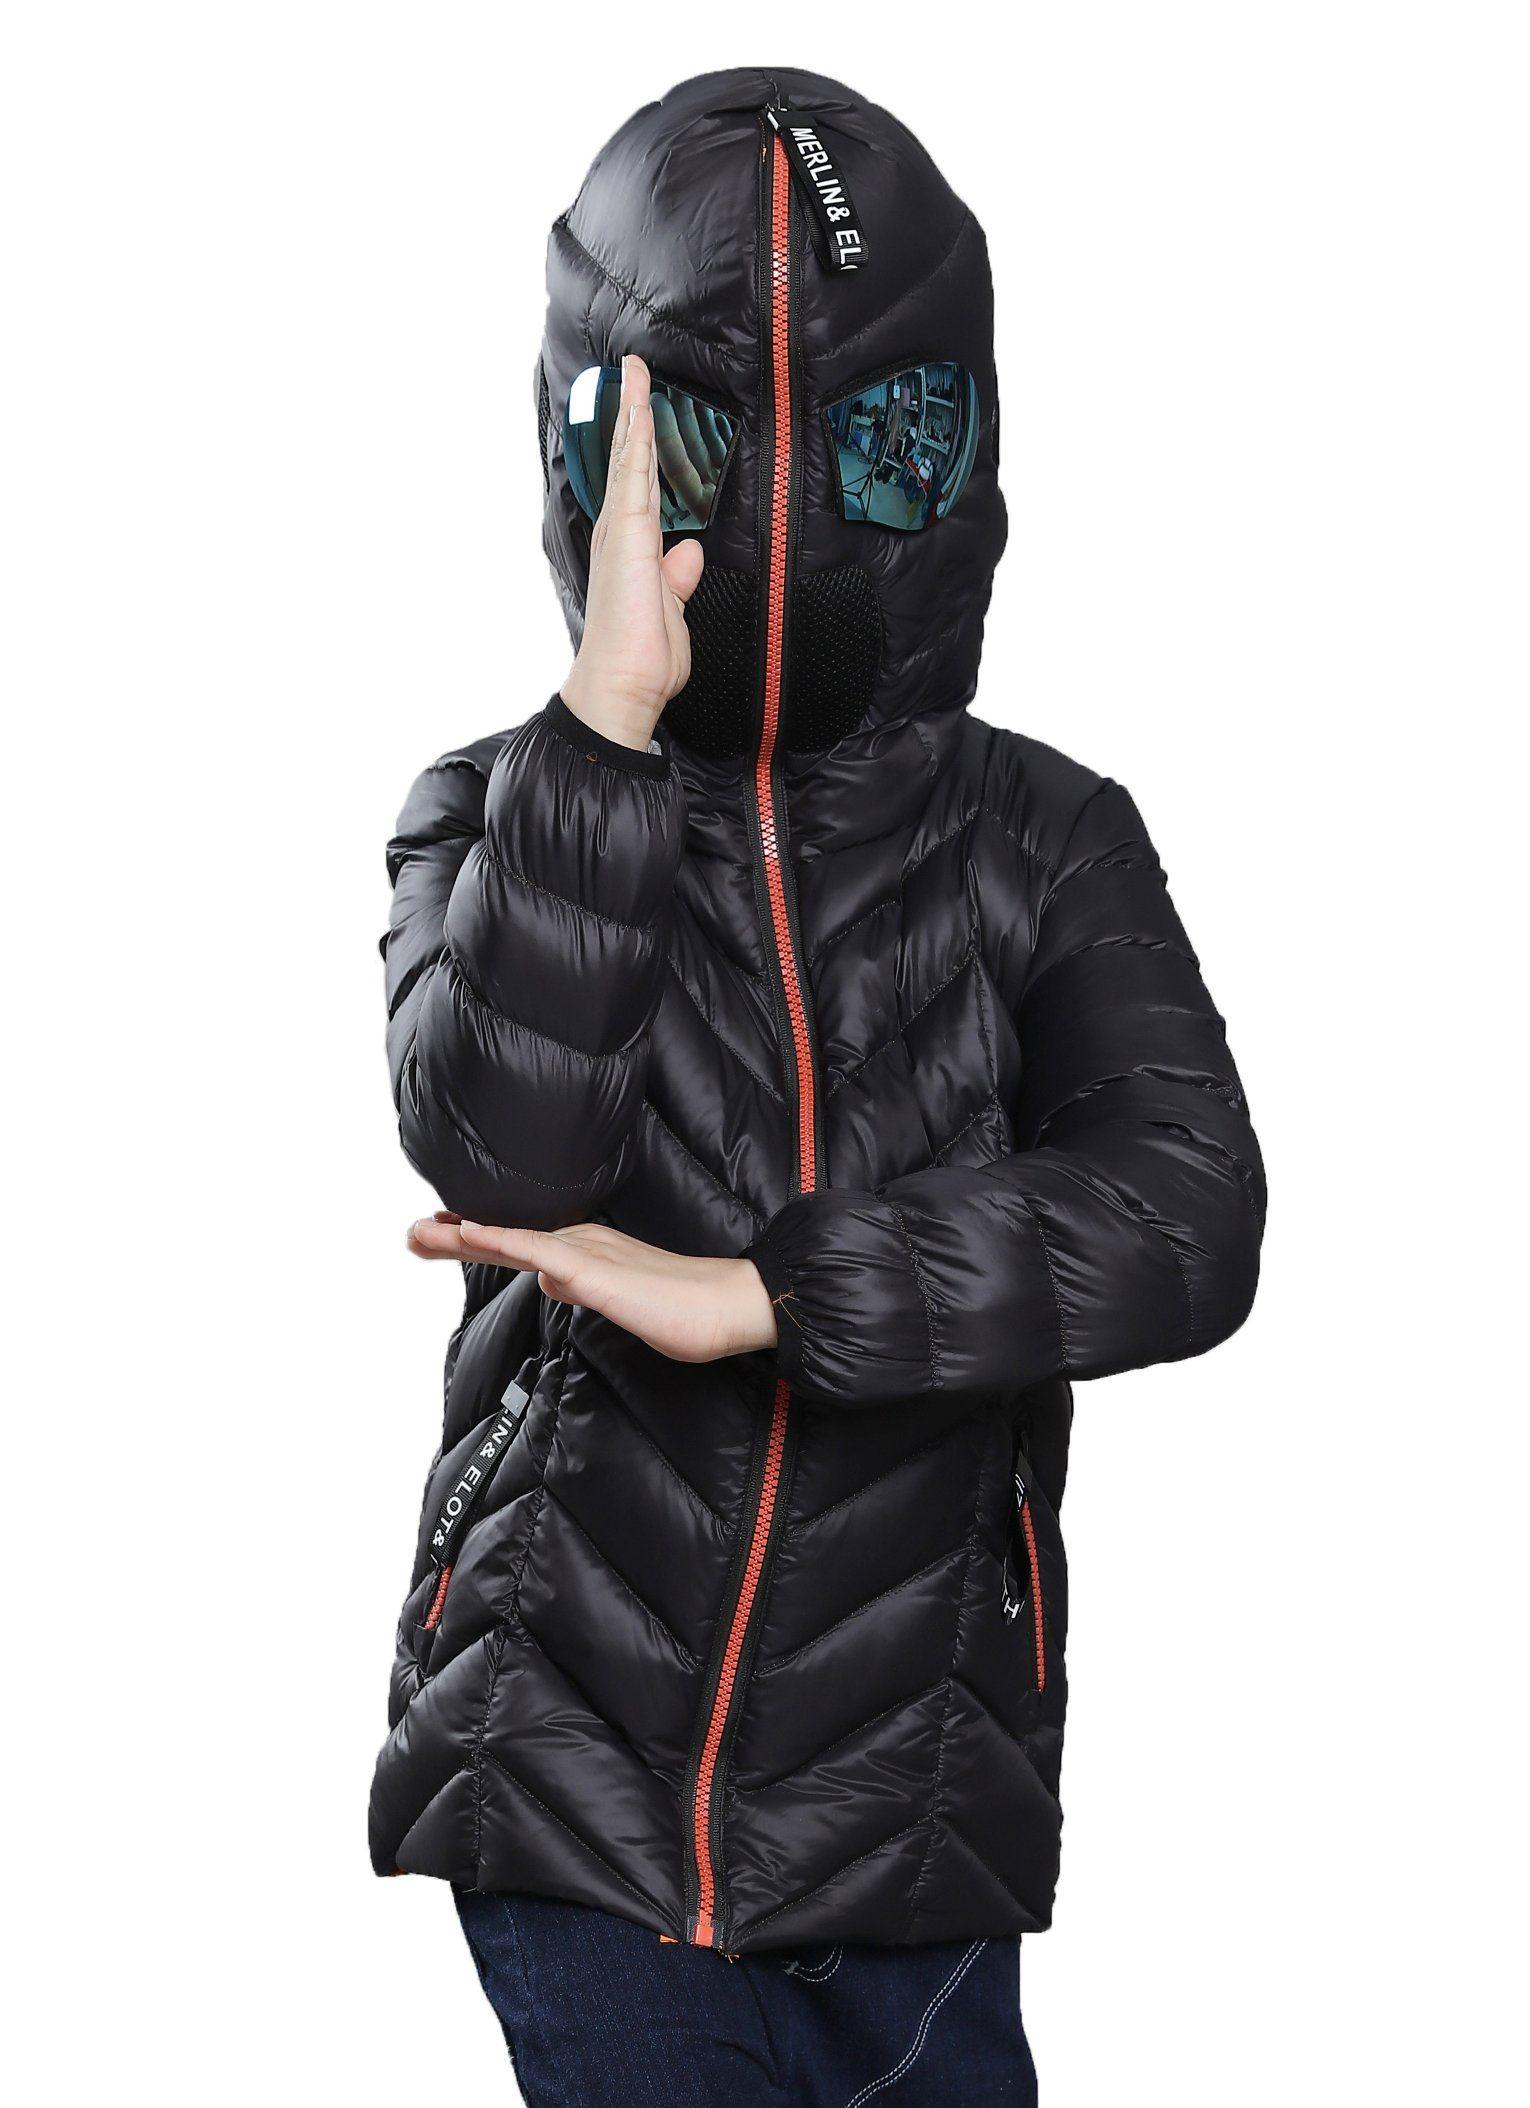 896d0af6c881 Eumerce Ultraman Kids Boys Girls Winter Pullover Outerwear With ...